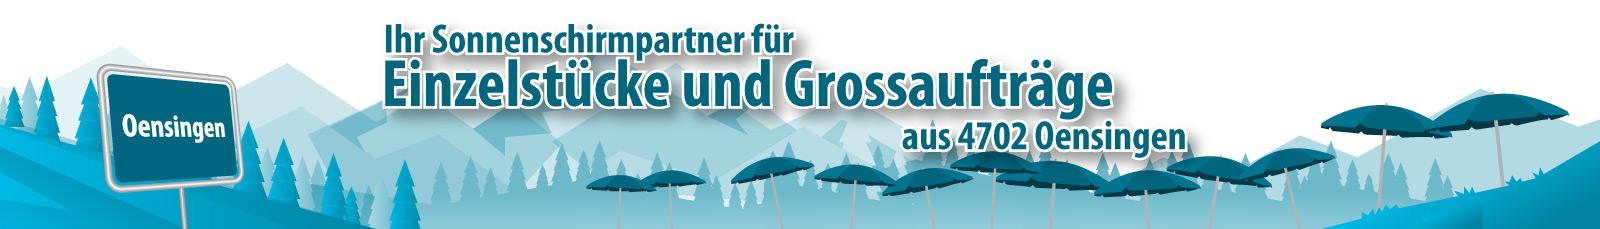 Wir liefern Schattenspender - wir sind Werbesonnenschirme.ch